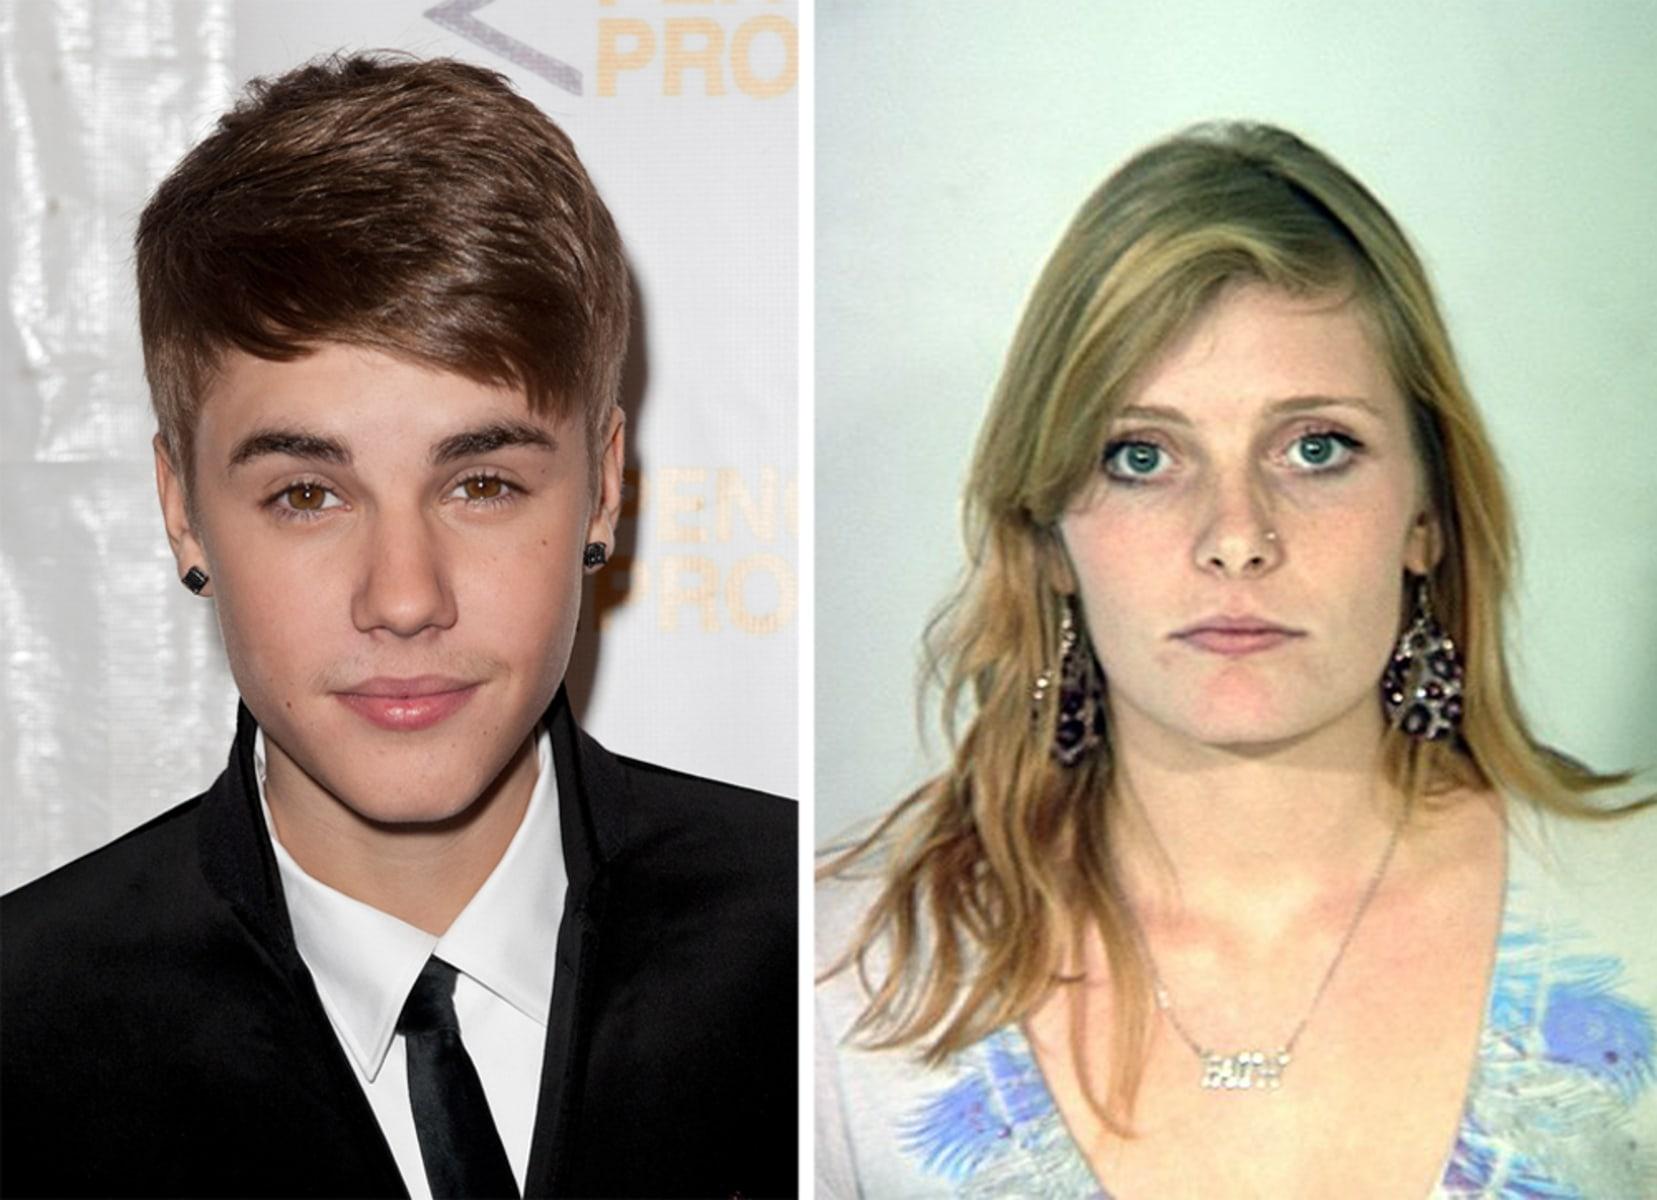 Celebrity scandal quizzes